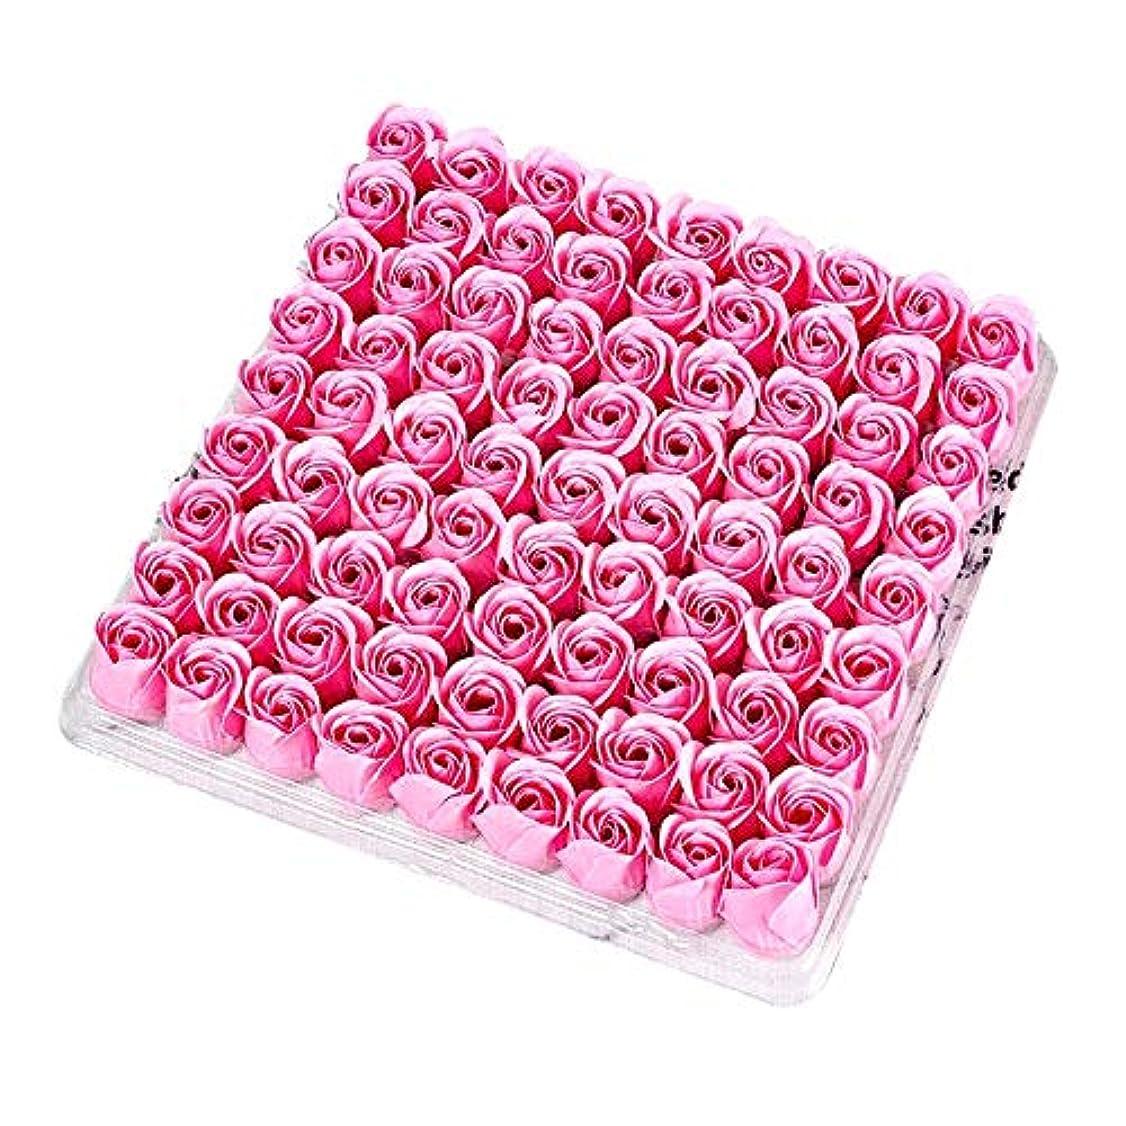 CUHAWUDBA 81個の薔薇、バス ボディ フラワー フローラルの石けん 香りのよいローズフラワー エッセンシャルオイル フローラルのお客様への石鹸 ウェディング、パーティー、バレンタインデーの贈り物、ピンク